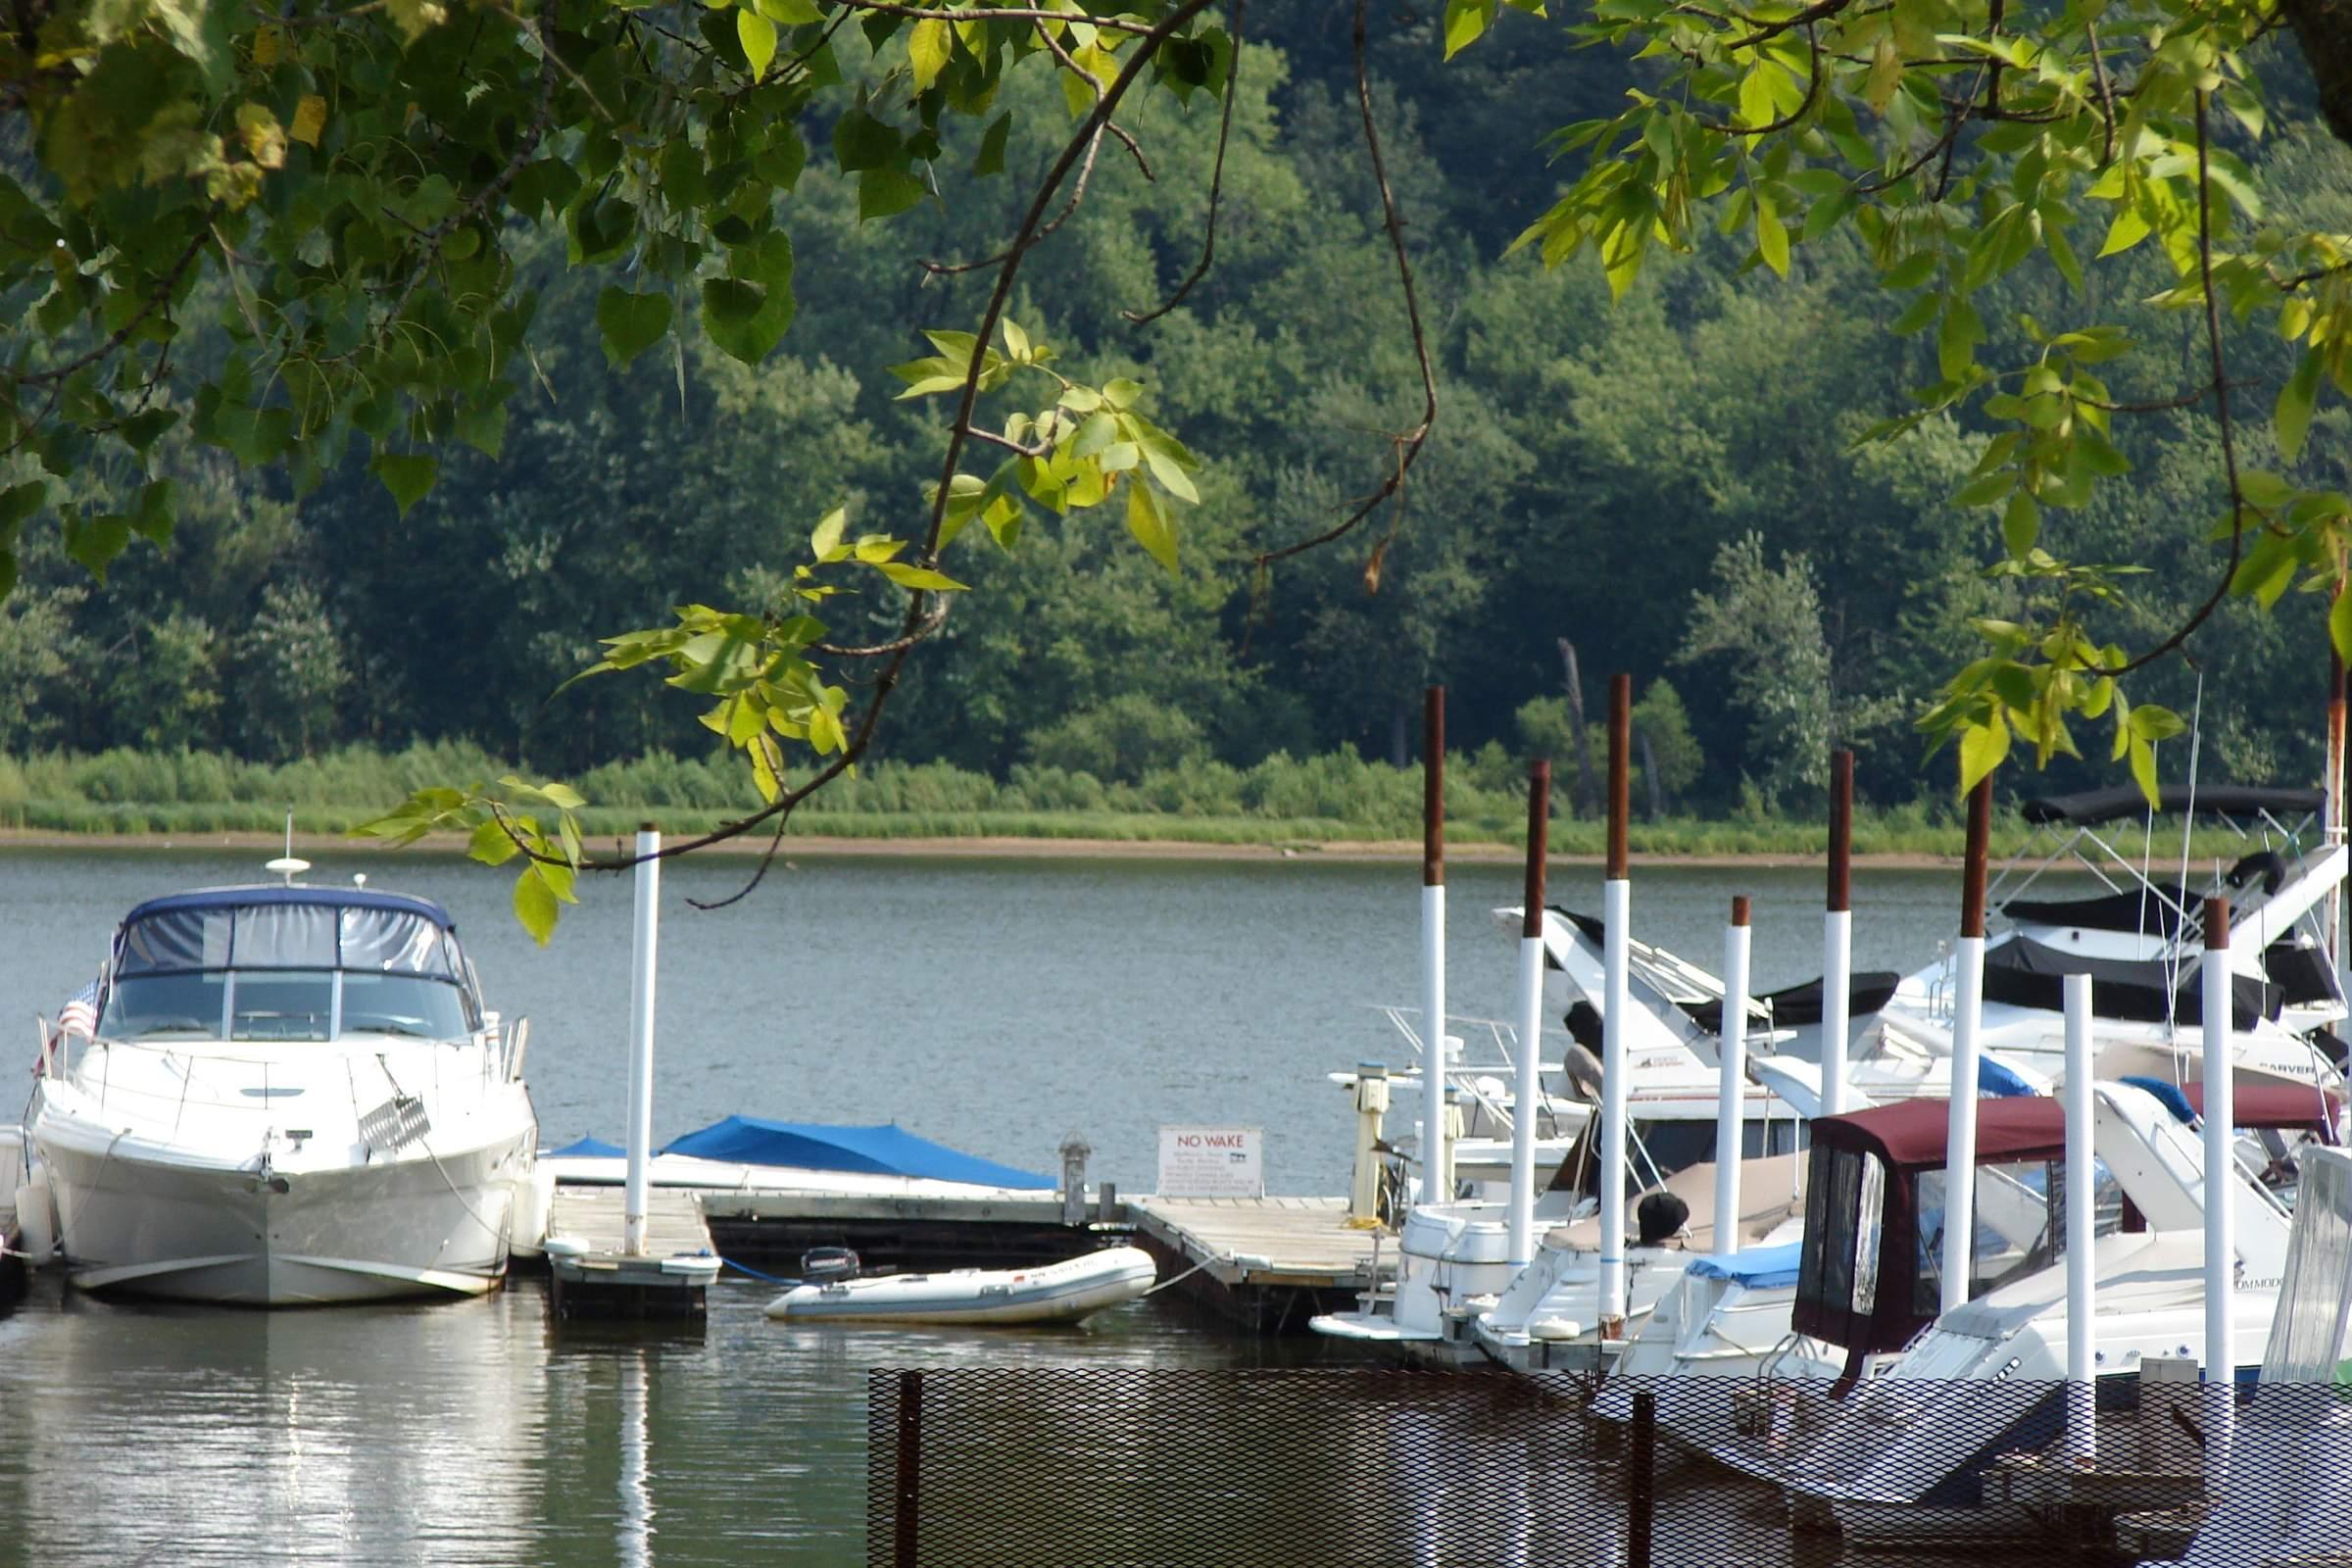 boats in stillwater